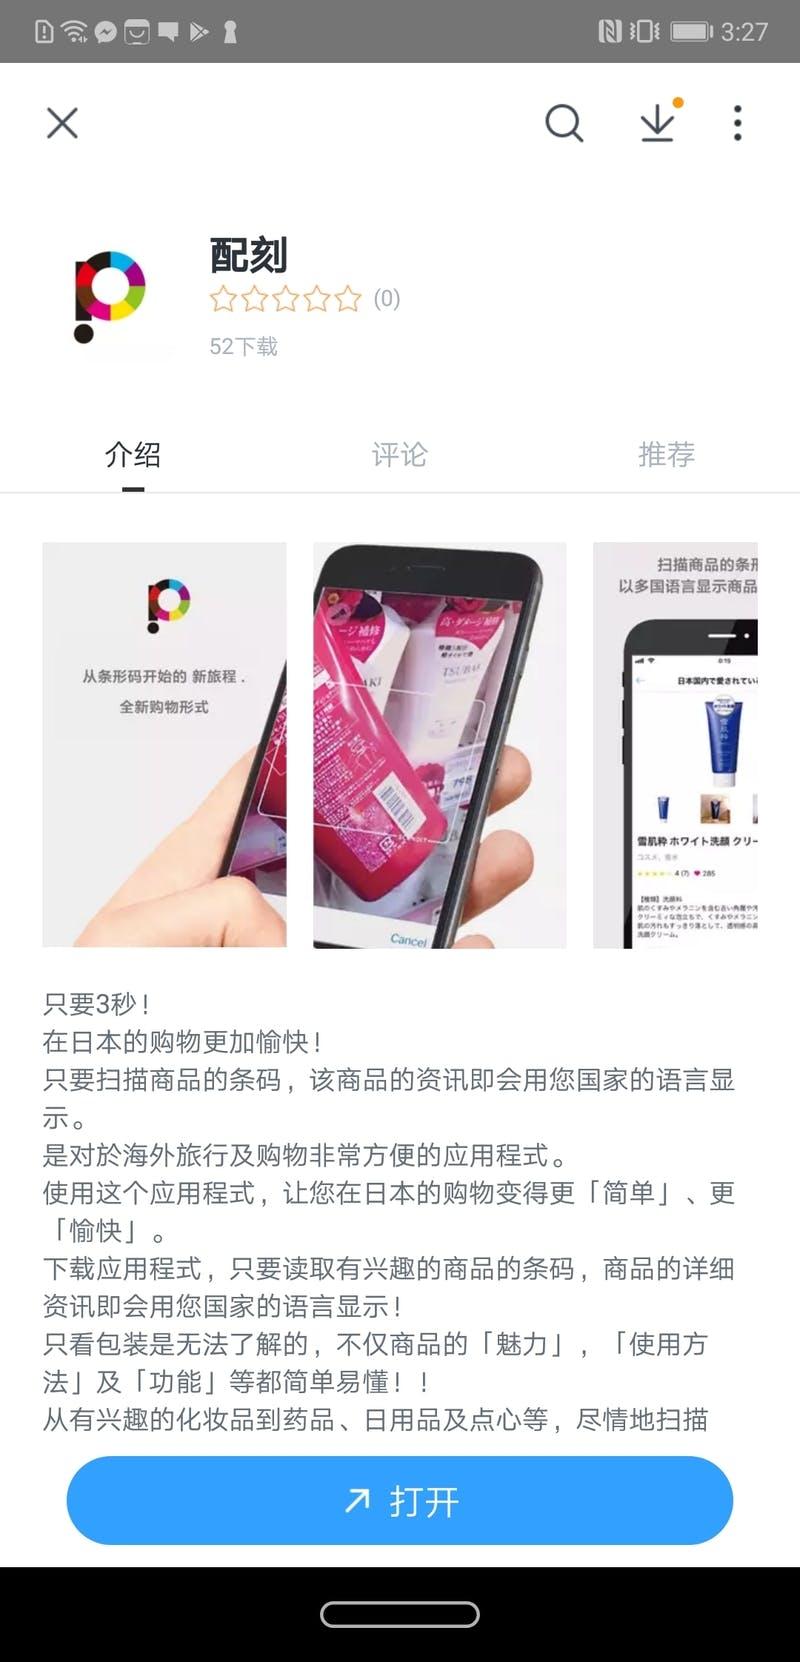 ショッピングサポートアプリ「配刻」